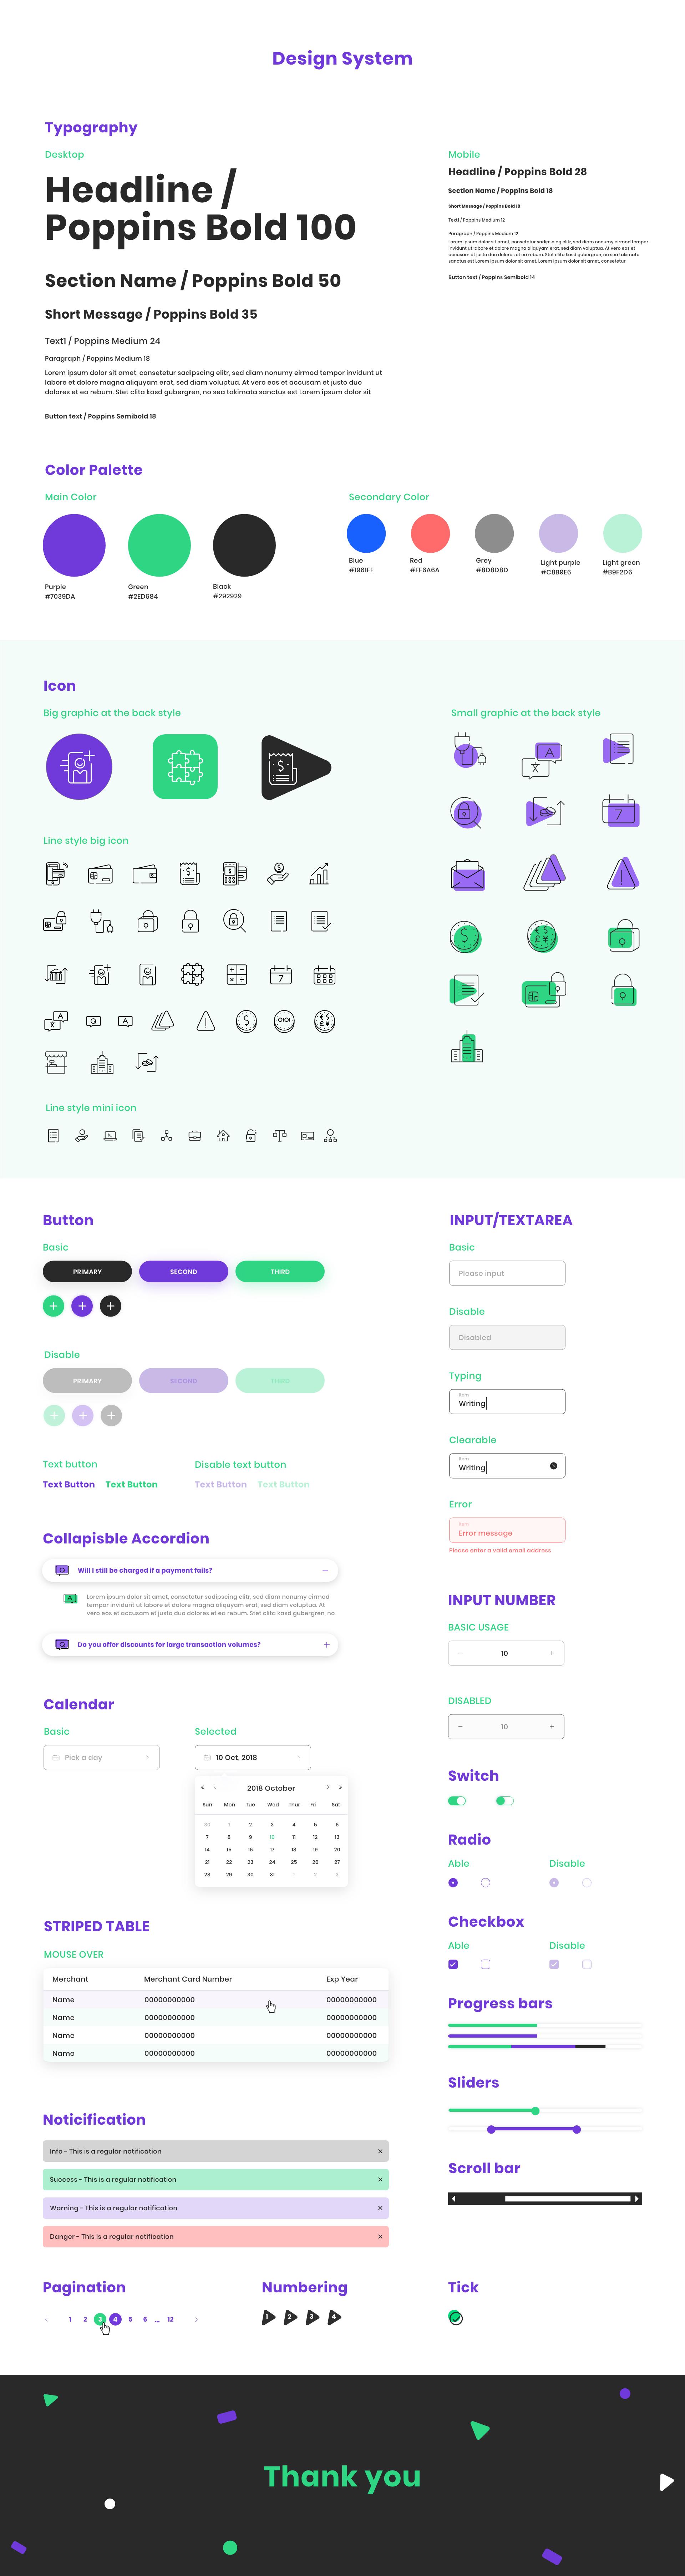 Design system